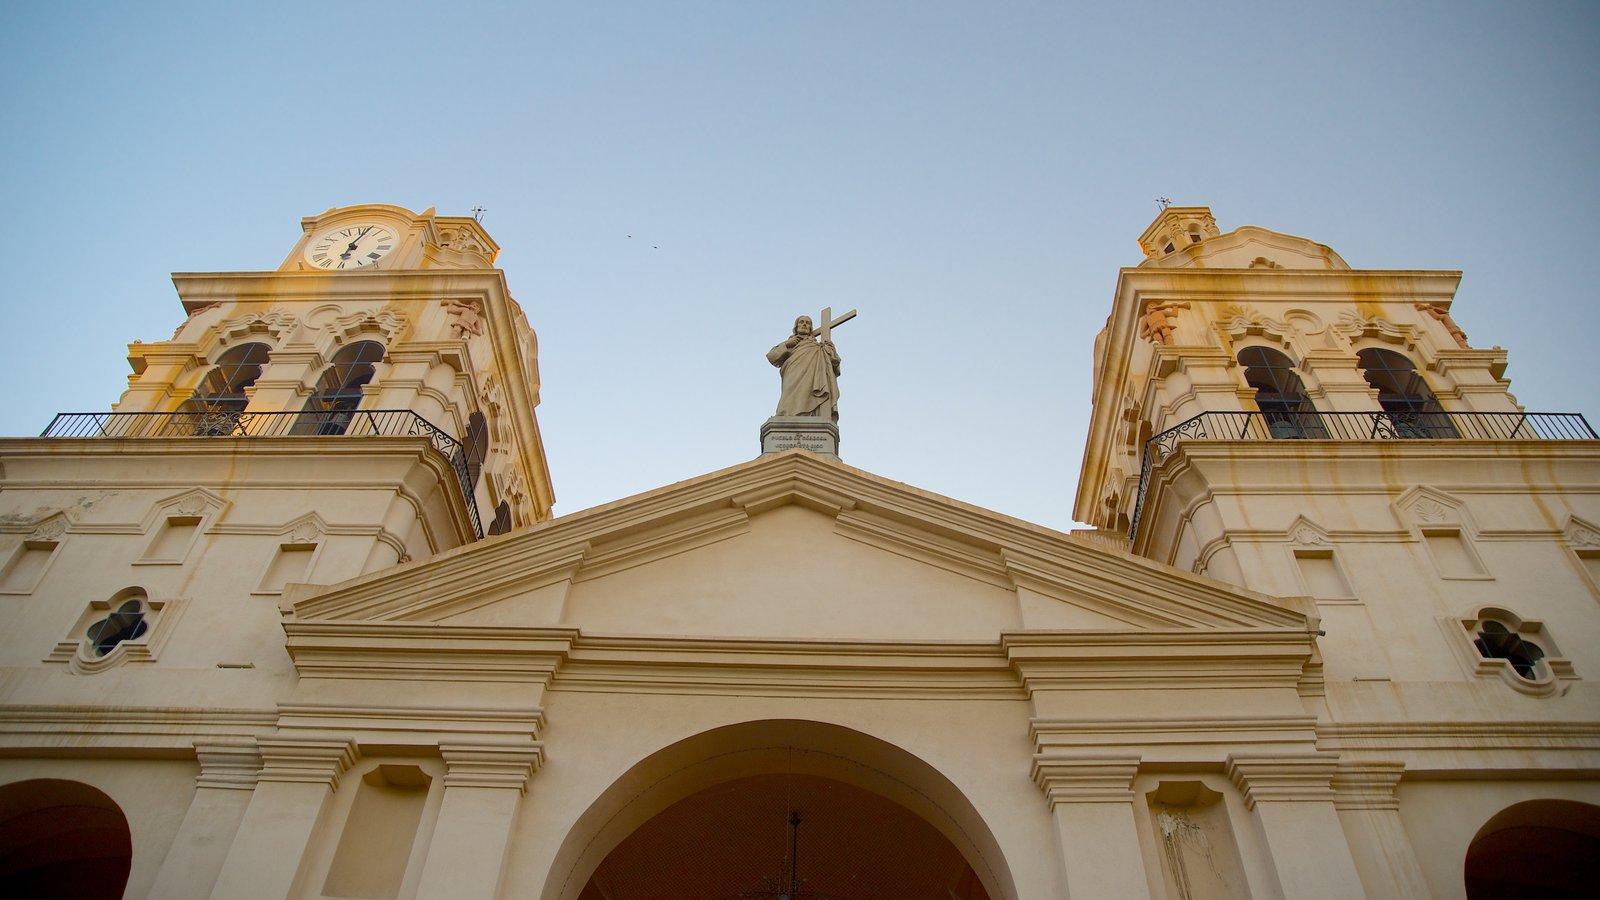 Catedral de Cordoba mostrando arquitetura de patrimônio, aspectos religiosos e uma igreja ou catedral